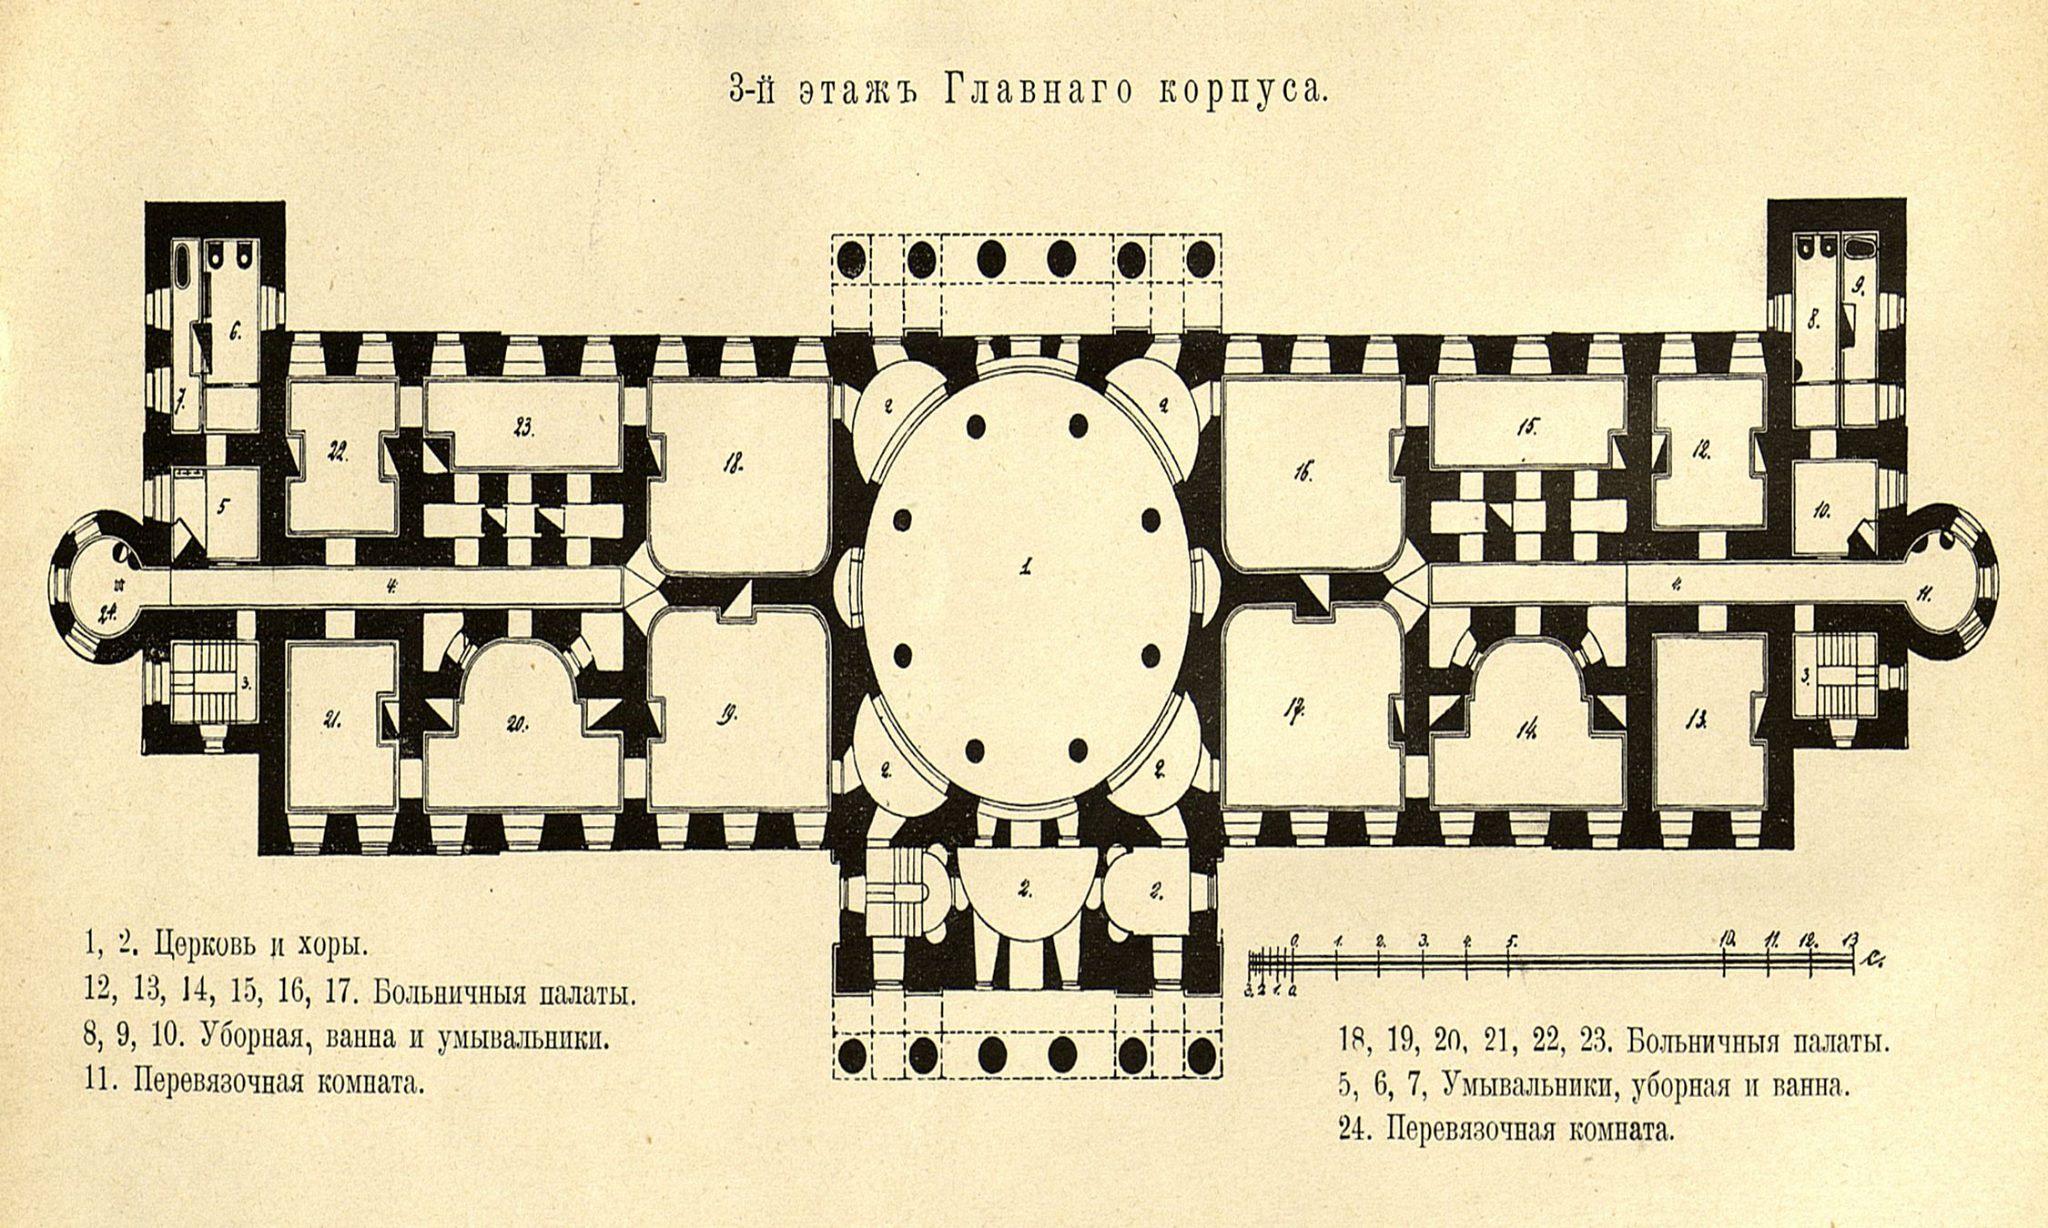 24. 3 этаж Главного Больничного корпуса